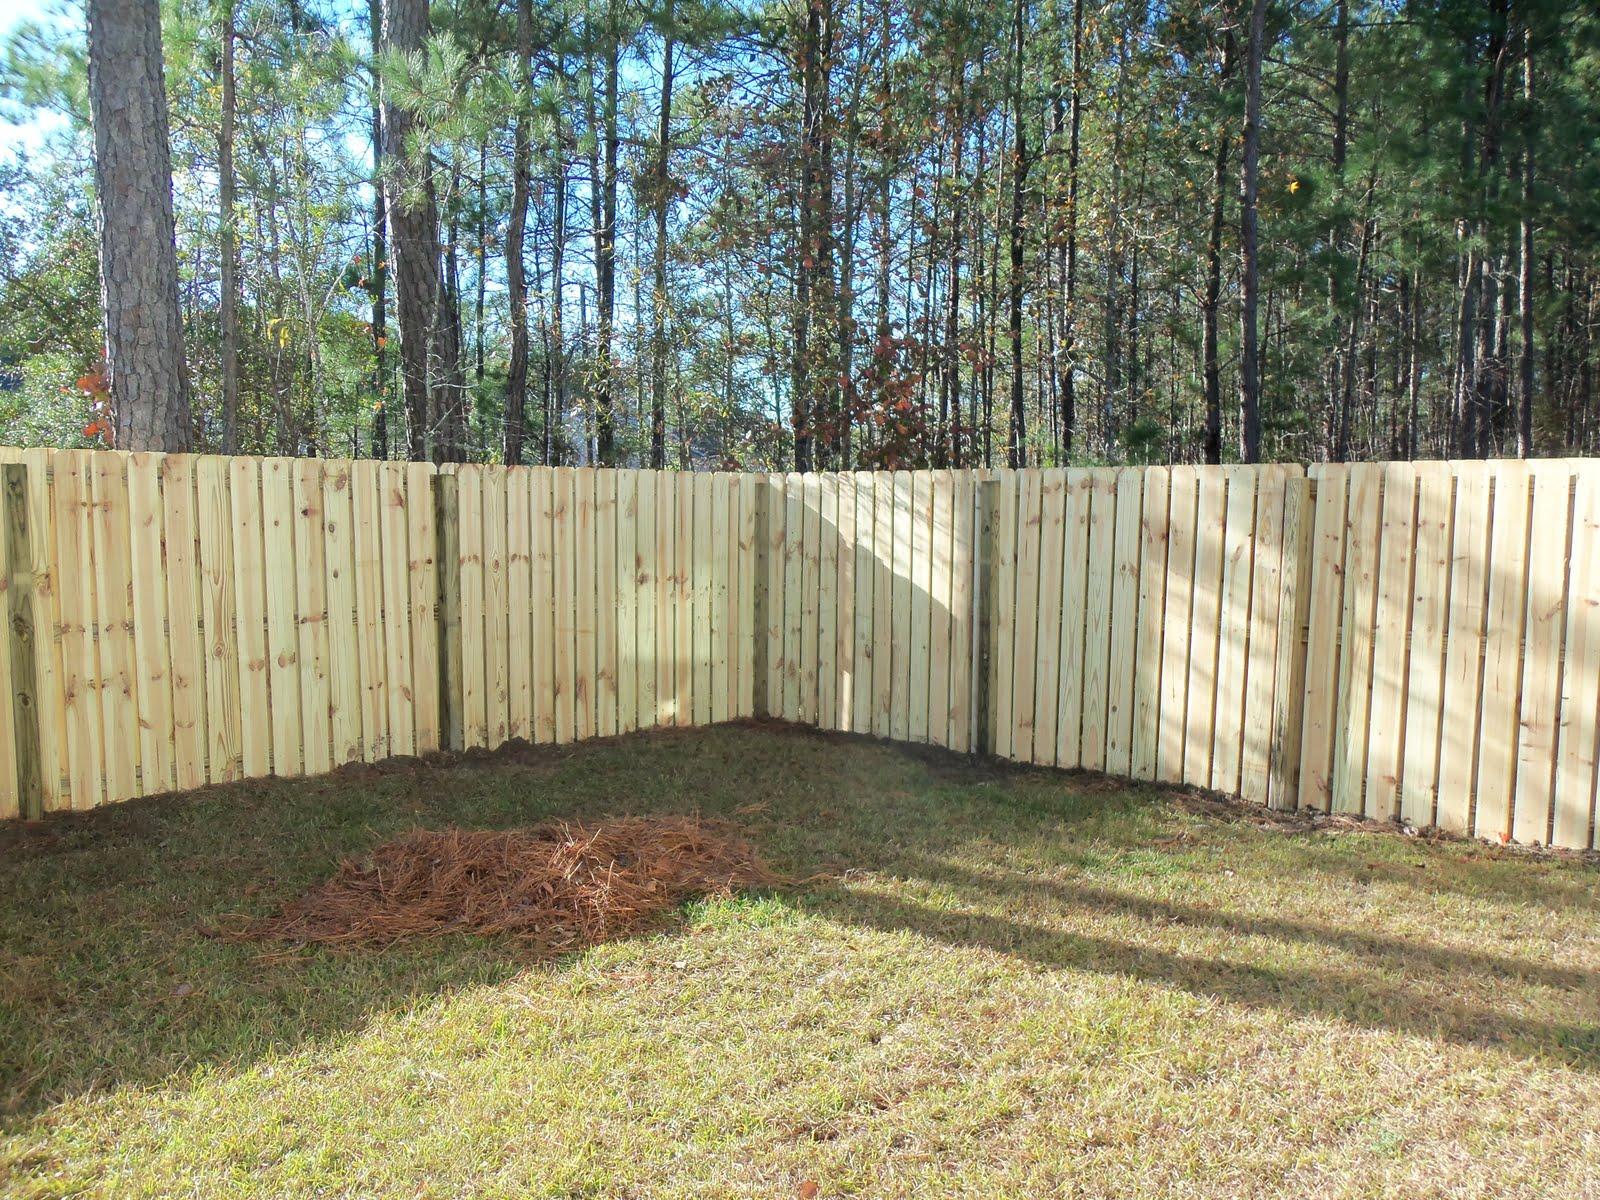 Shadow Box Fence Design